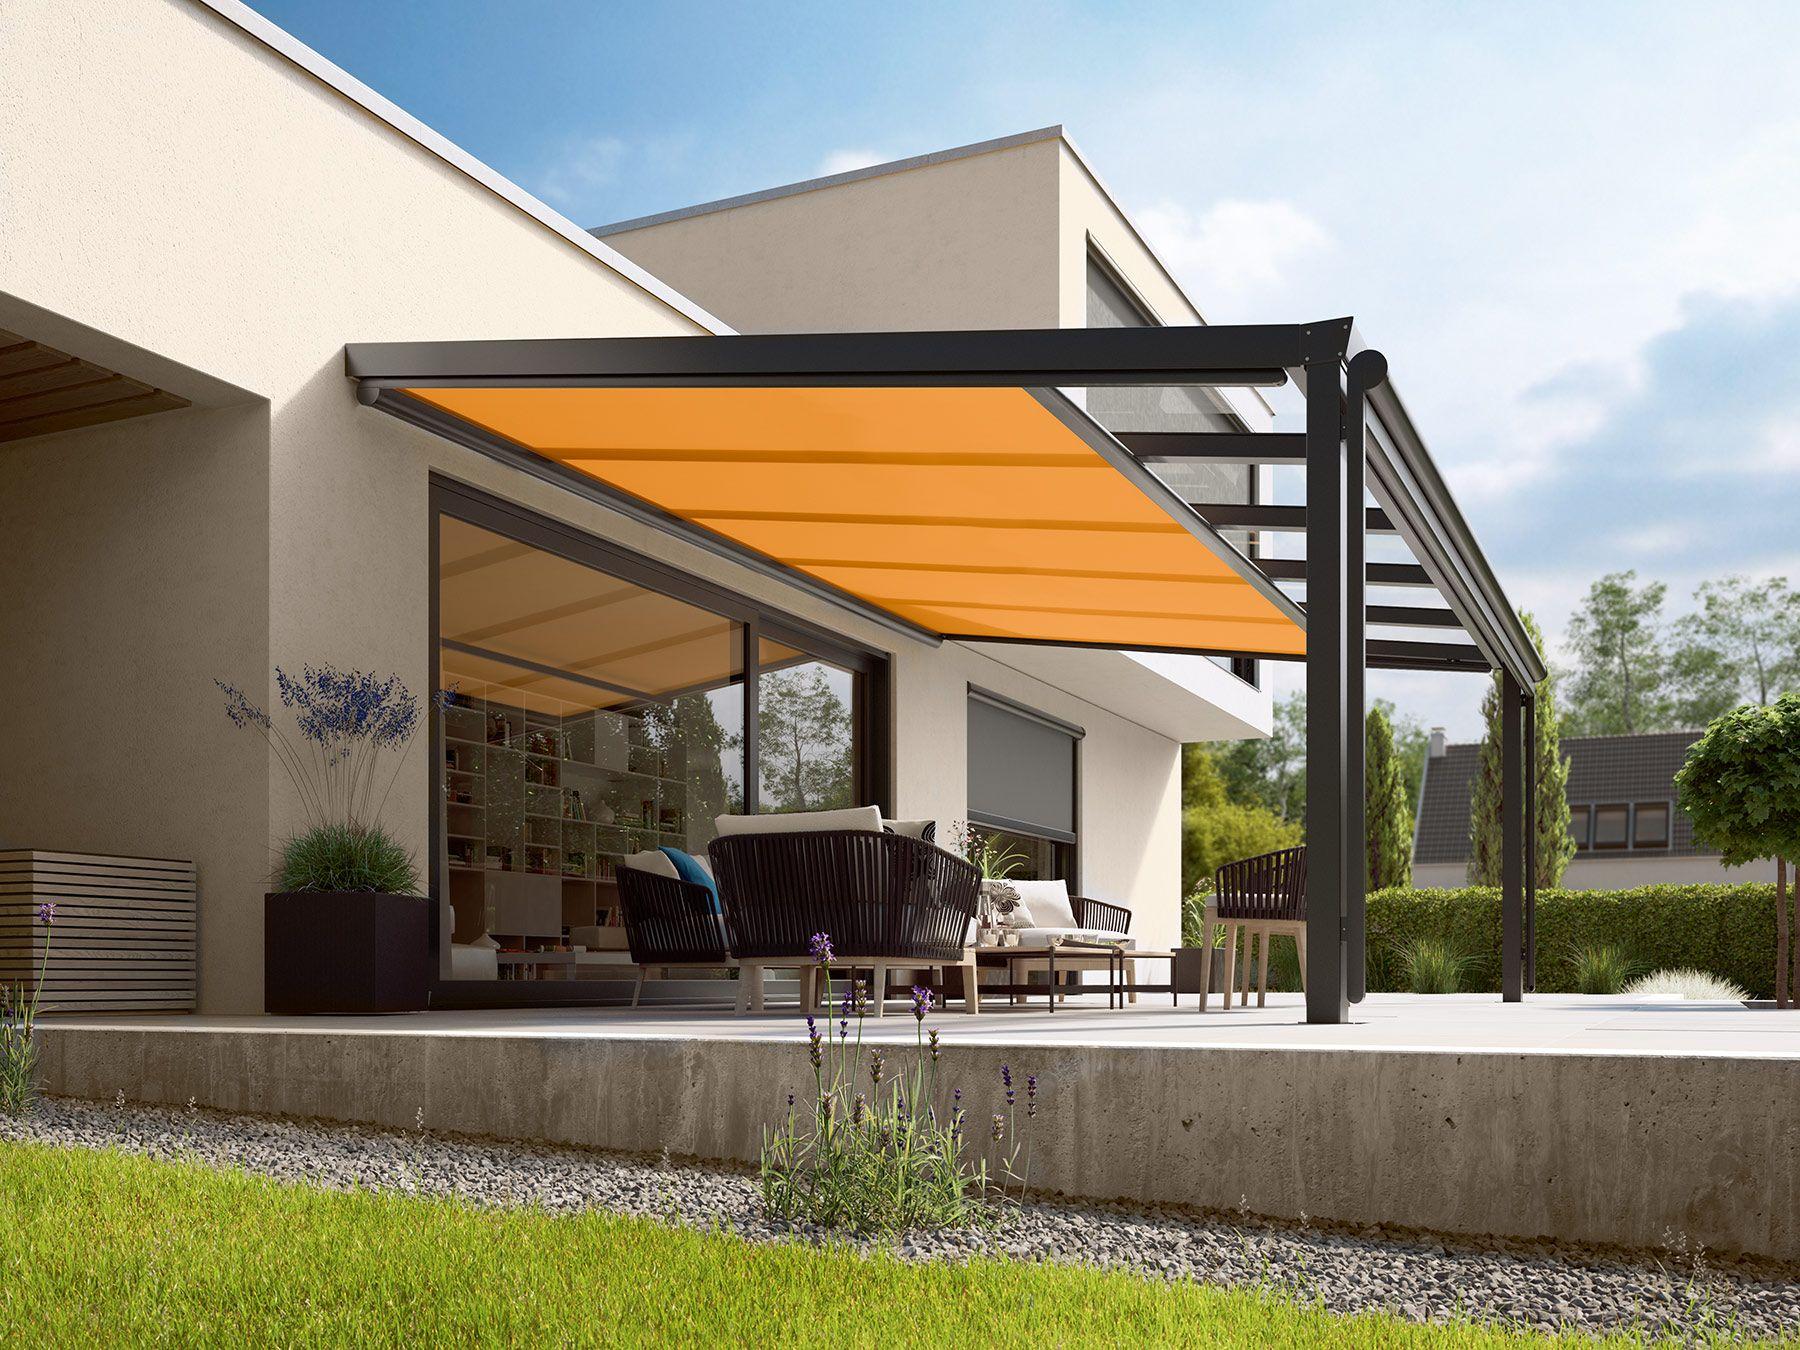 Faszinierend Sonnenschutz Dachterrasse Beste Wahl Sonne Ist Gut, Ist Besser: Eine Hochwertige